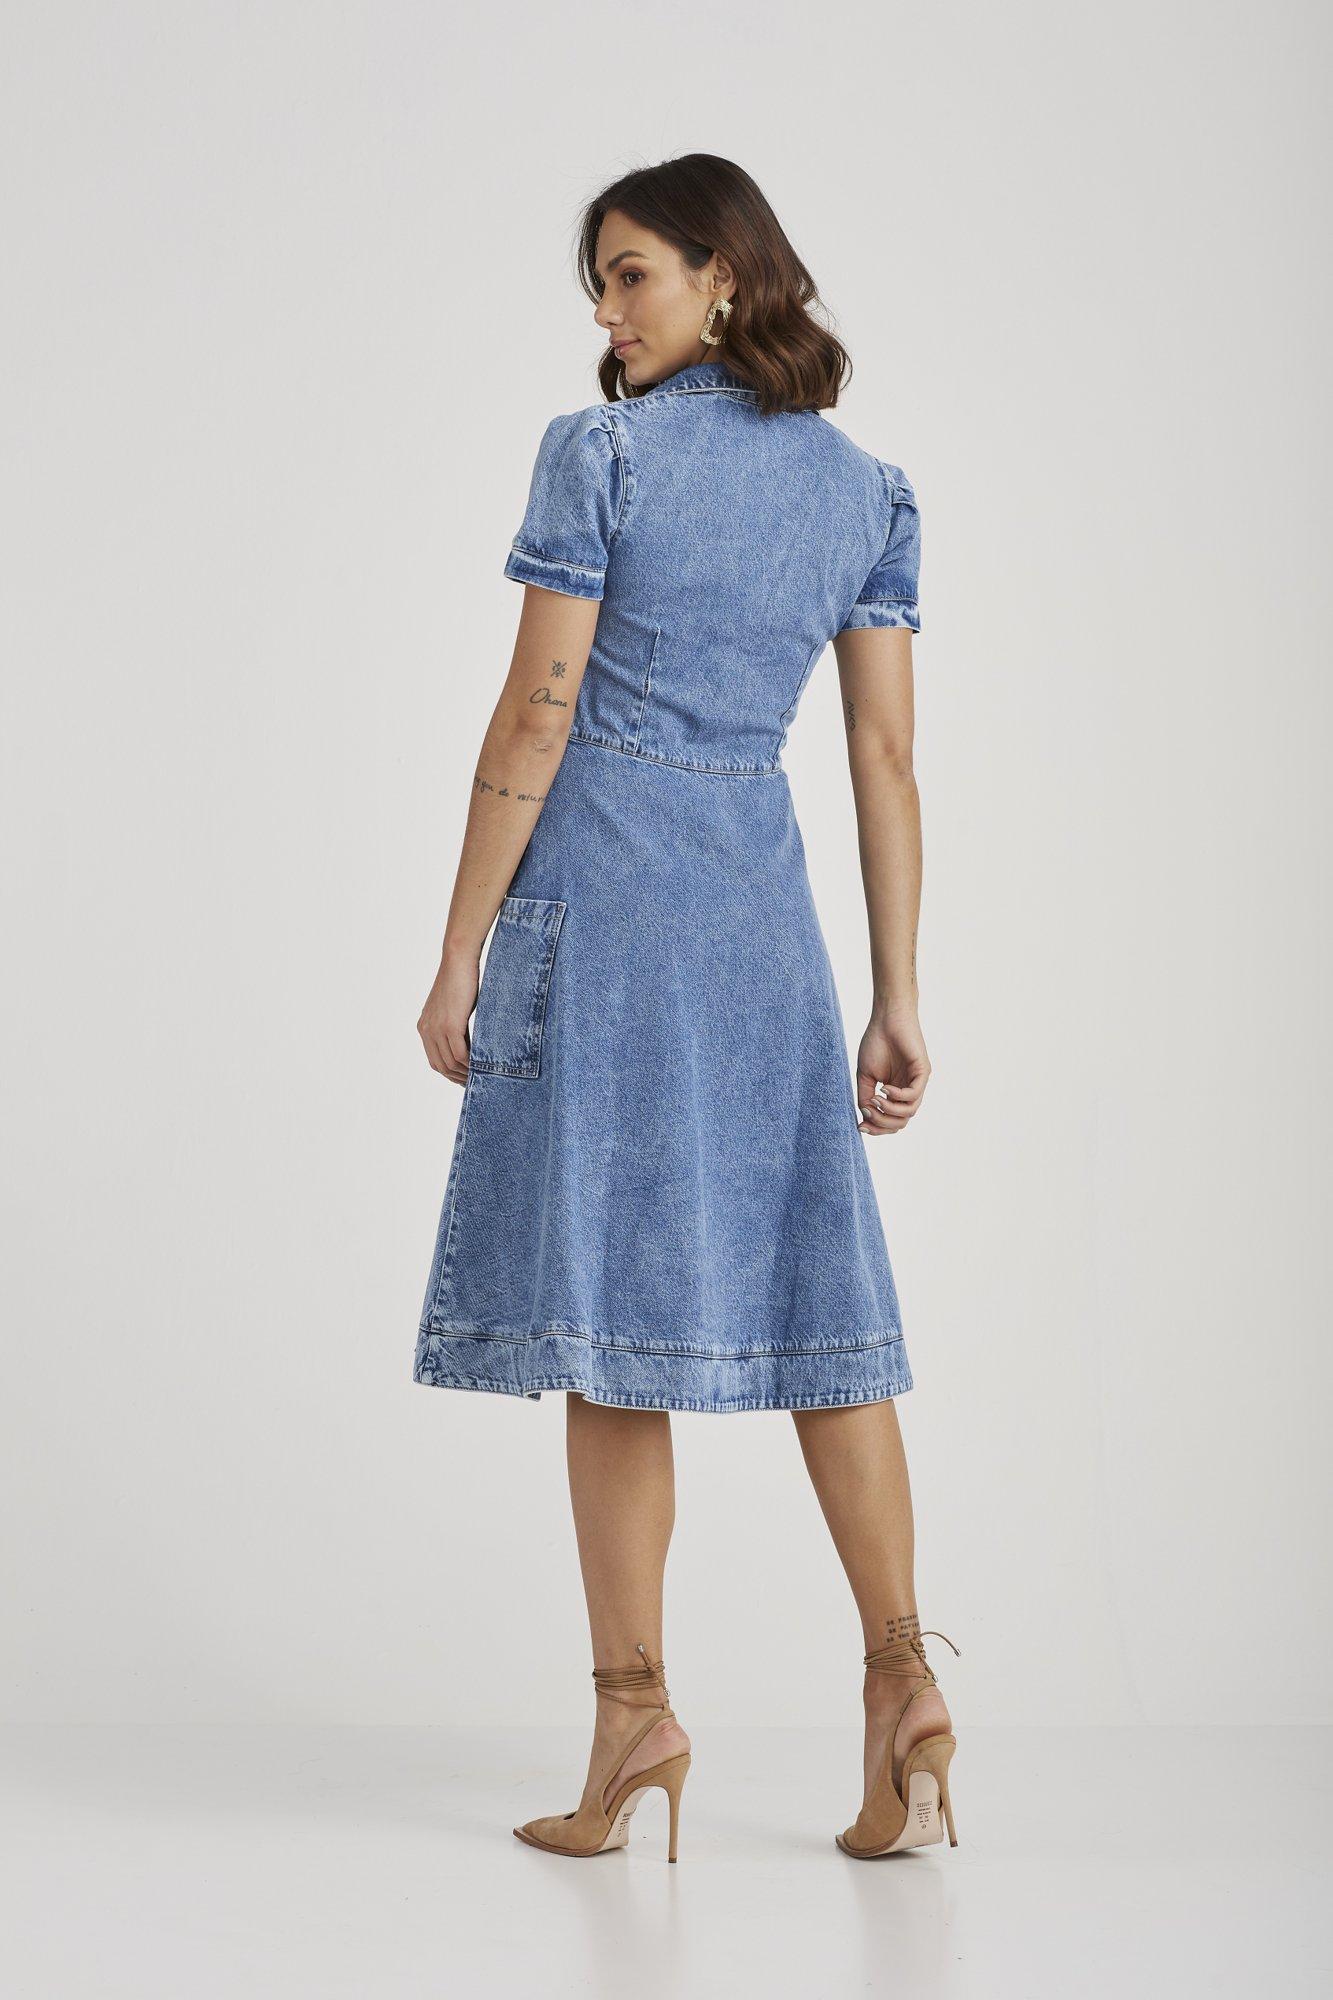 Vestido  Melinda  - Challot Hadock